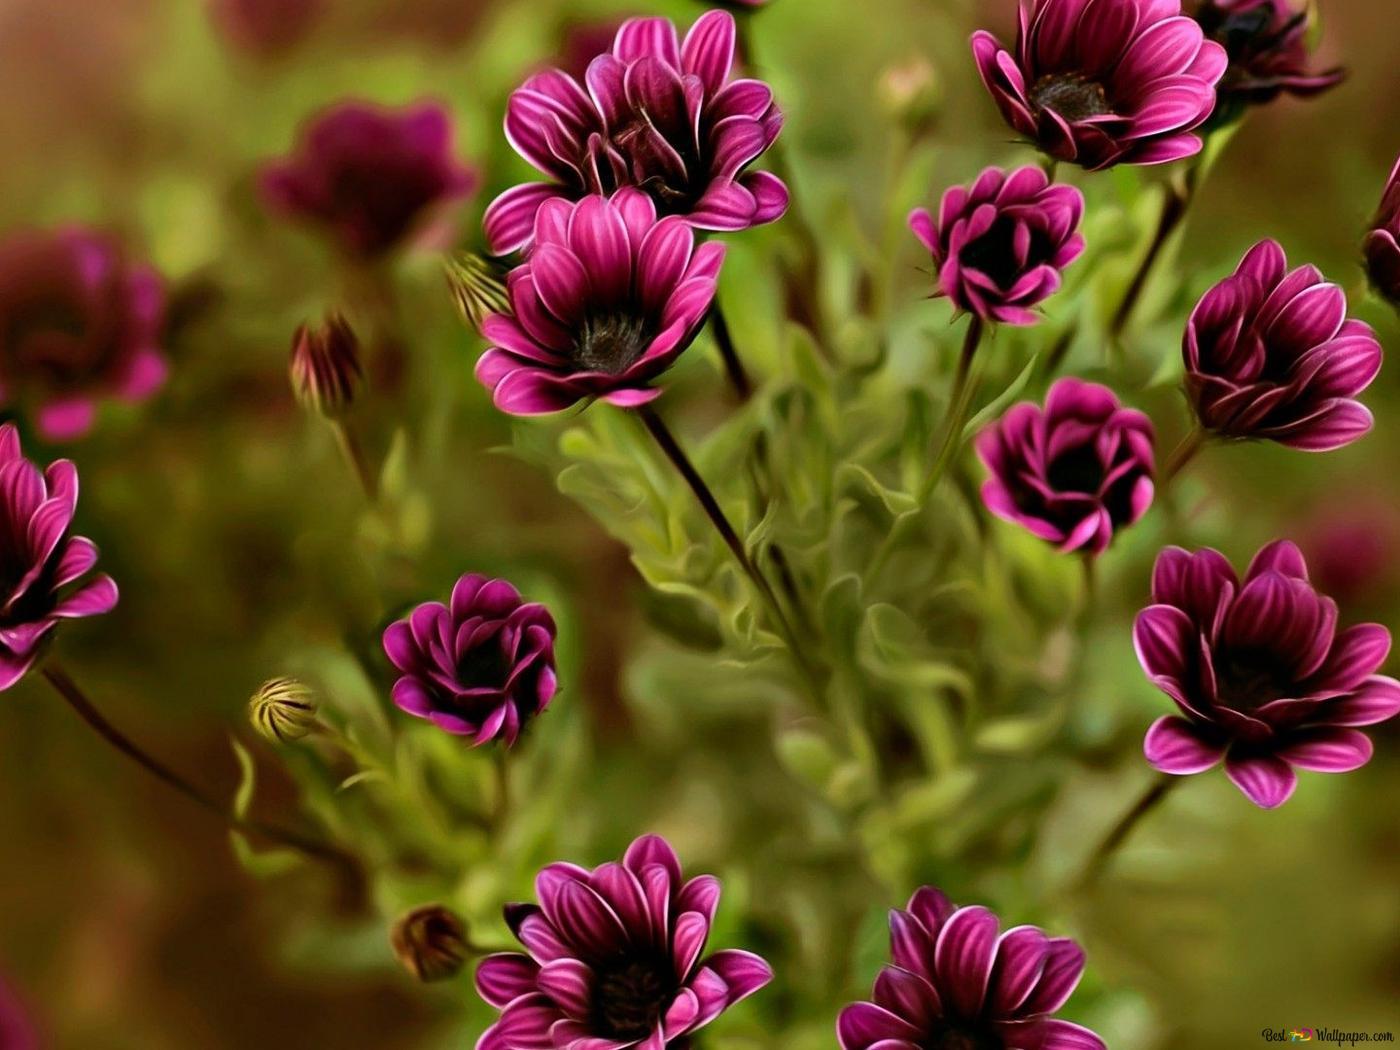 Foto Fiori Viola.Fiori Viola Close Up Download Di Sfondi Hd